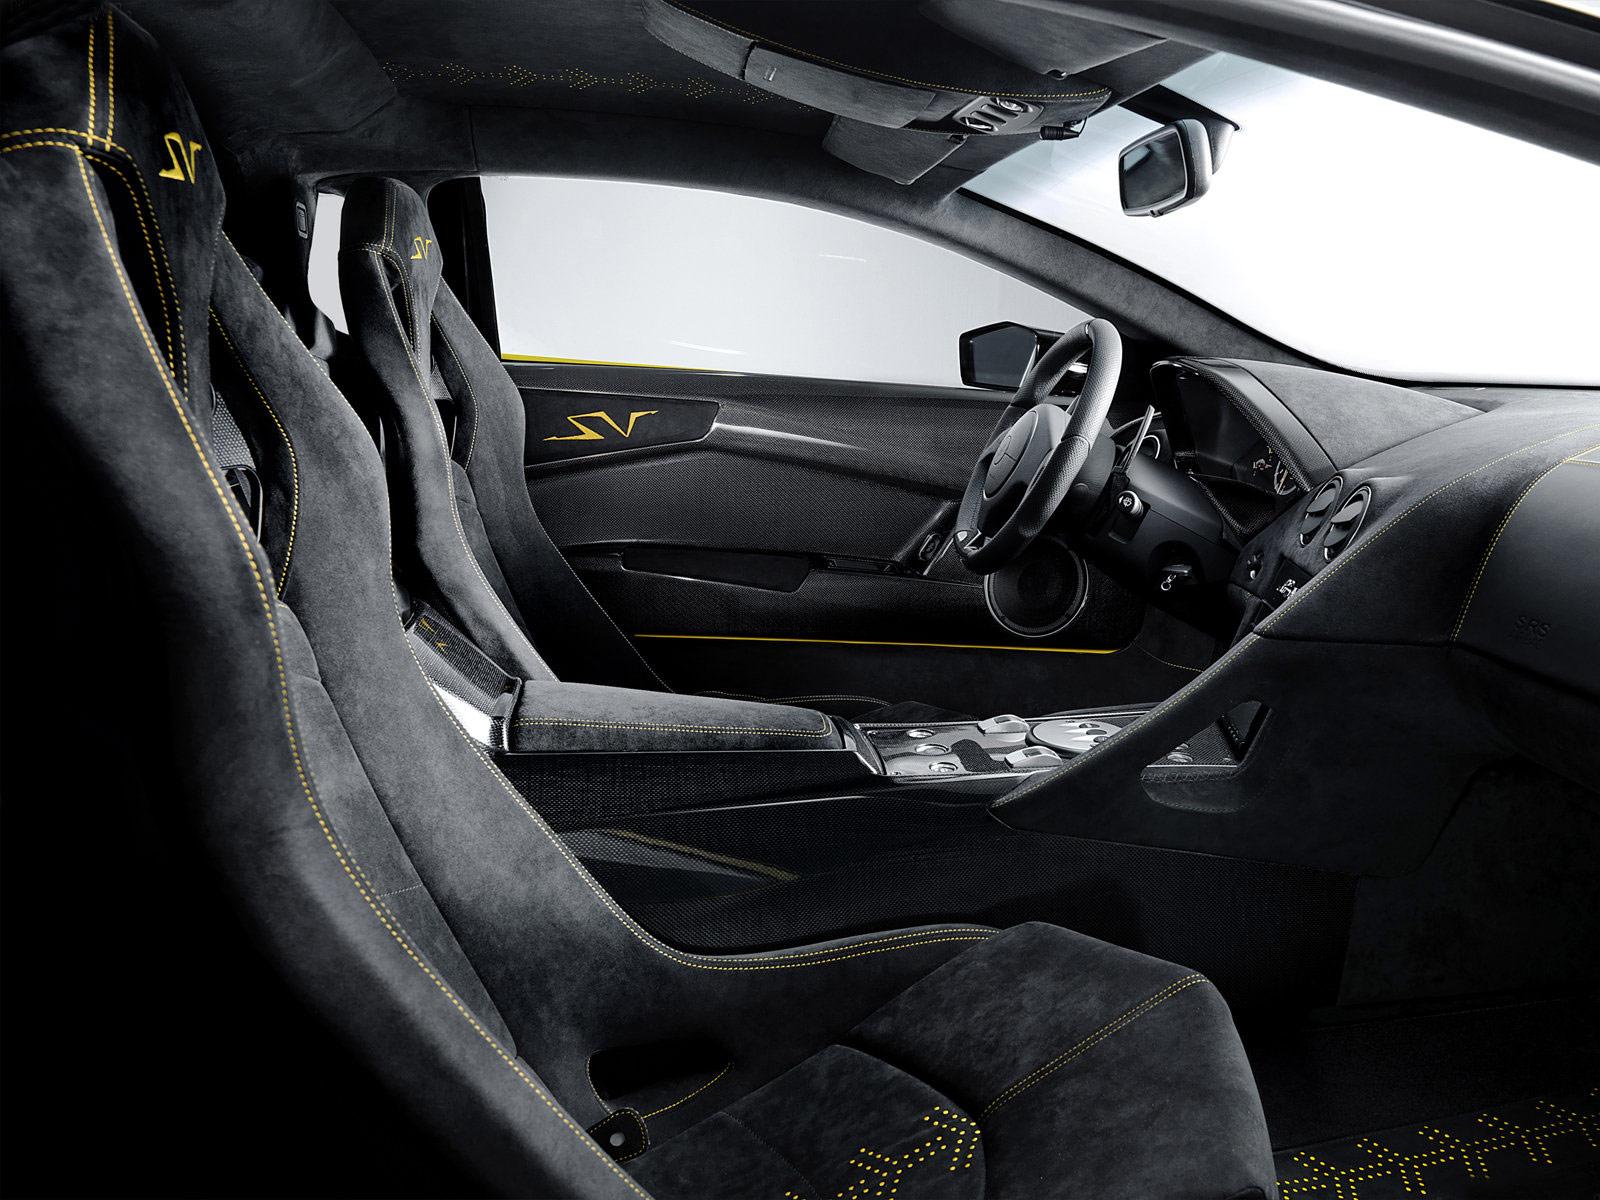 Rivestimento interni - Pagina 2 Lamborghini_lurcielago_lp670-4_superVeloce_5